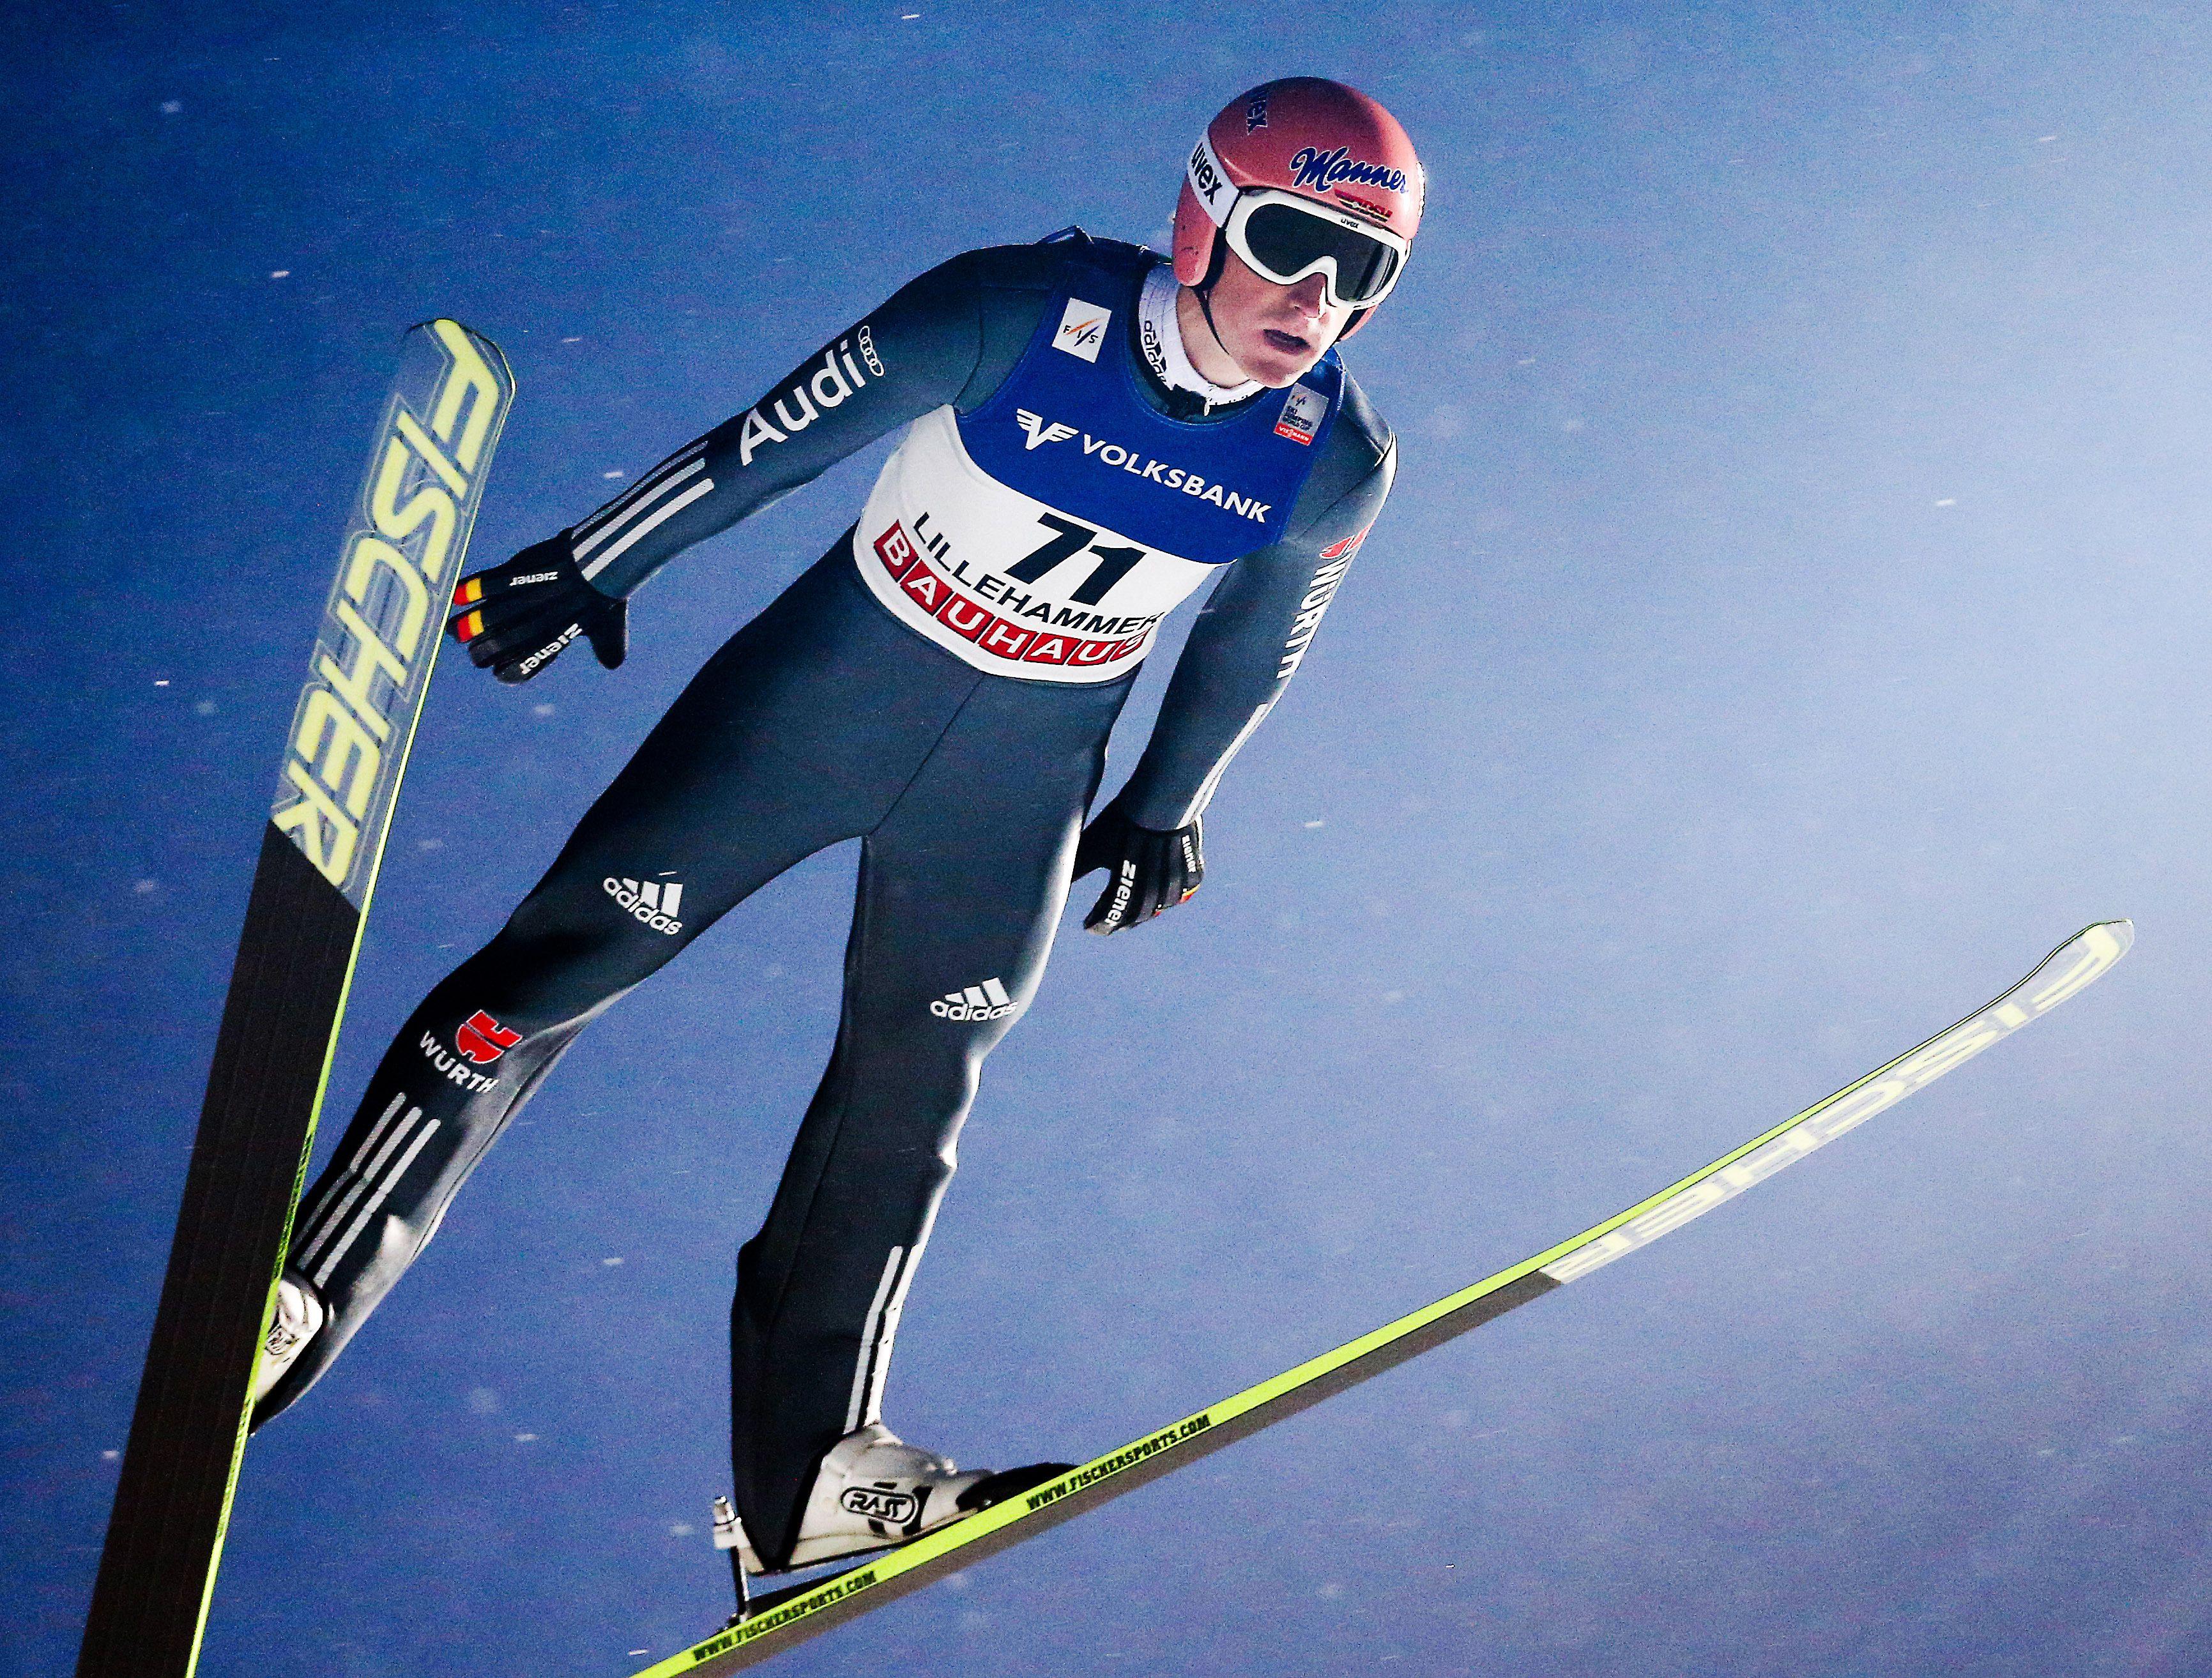 лыжи как вид спорта картинки сегодня клаус вспоминает